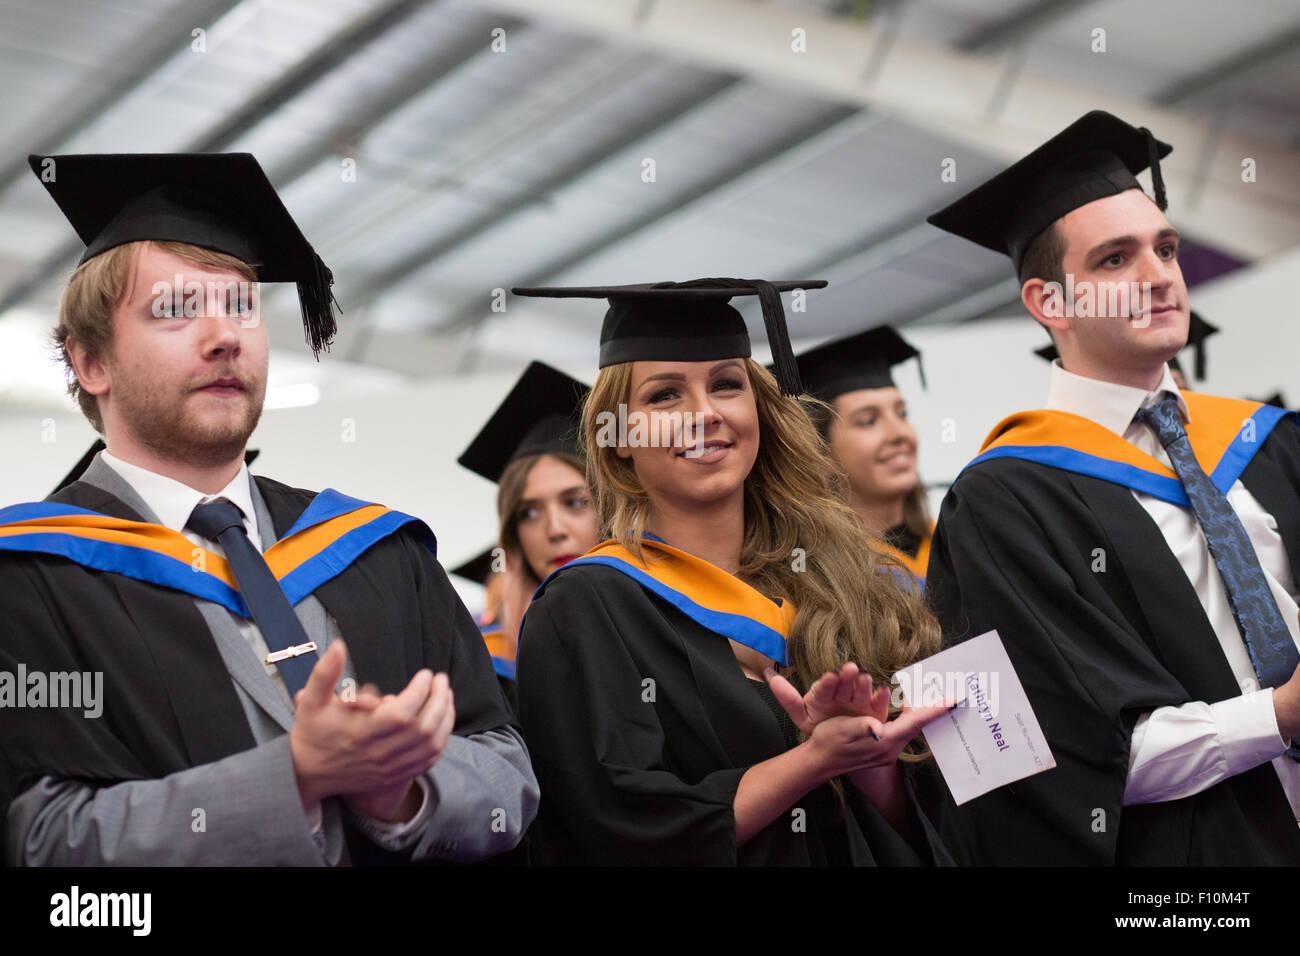 Gli studenti di laurea nel cappuccio e gli abiti Foto   Immagine ... 2c6d884ea0b3